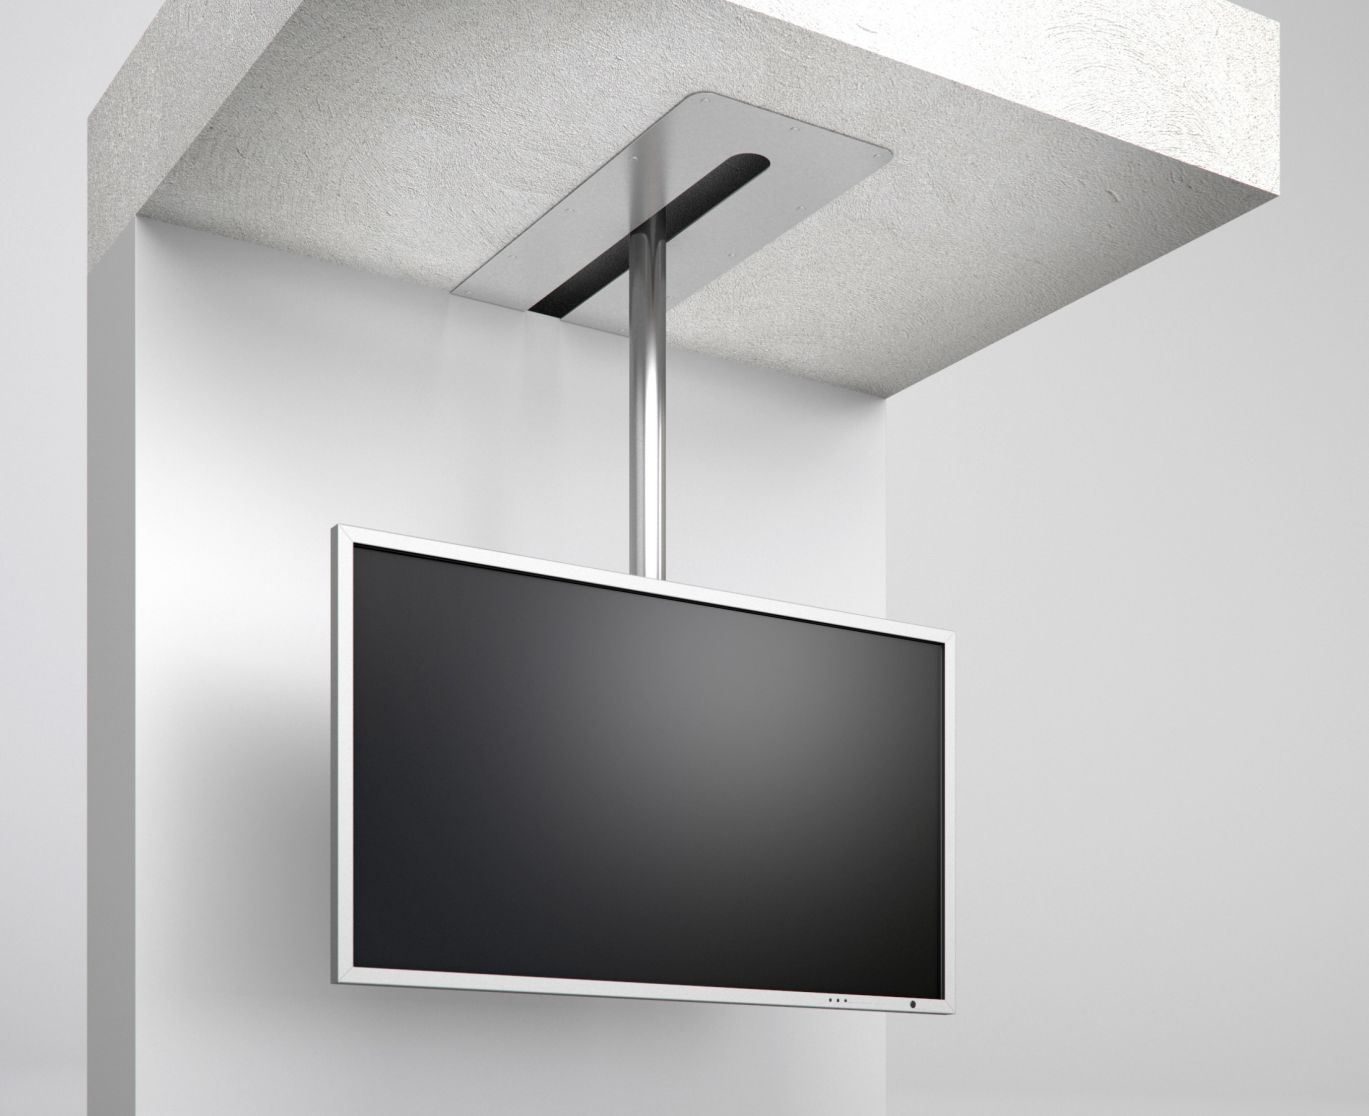 bewegliche tv deckenhalterung f r flachbildfernseher bis. Black Bedroom Furniture Sets. Home Design Ideas